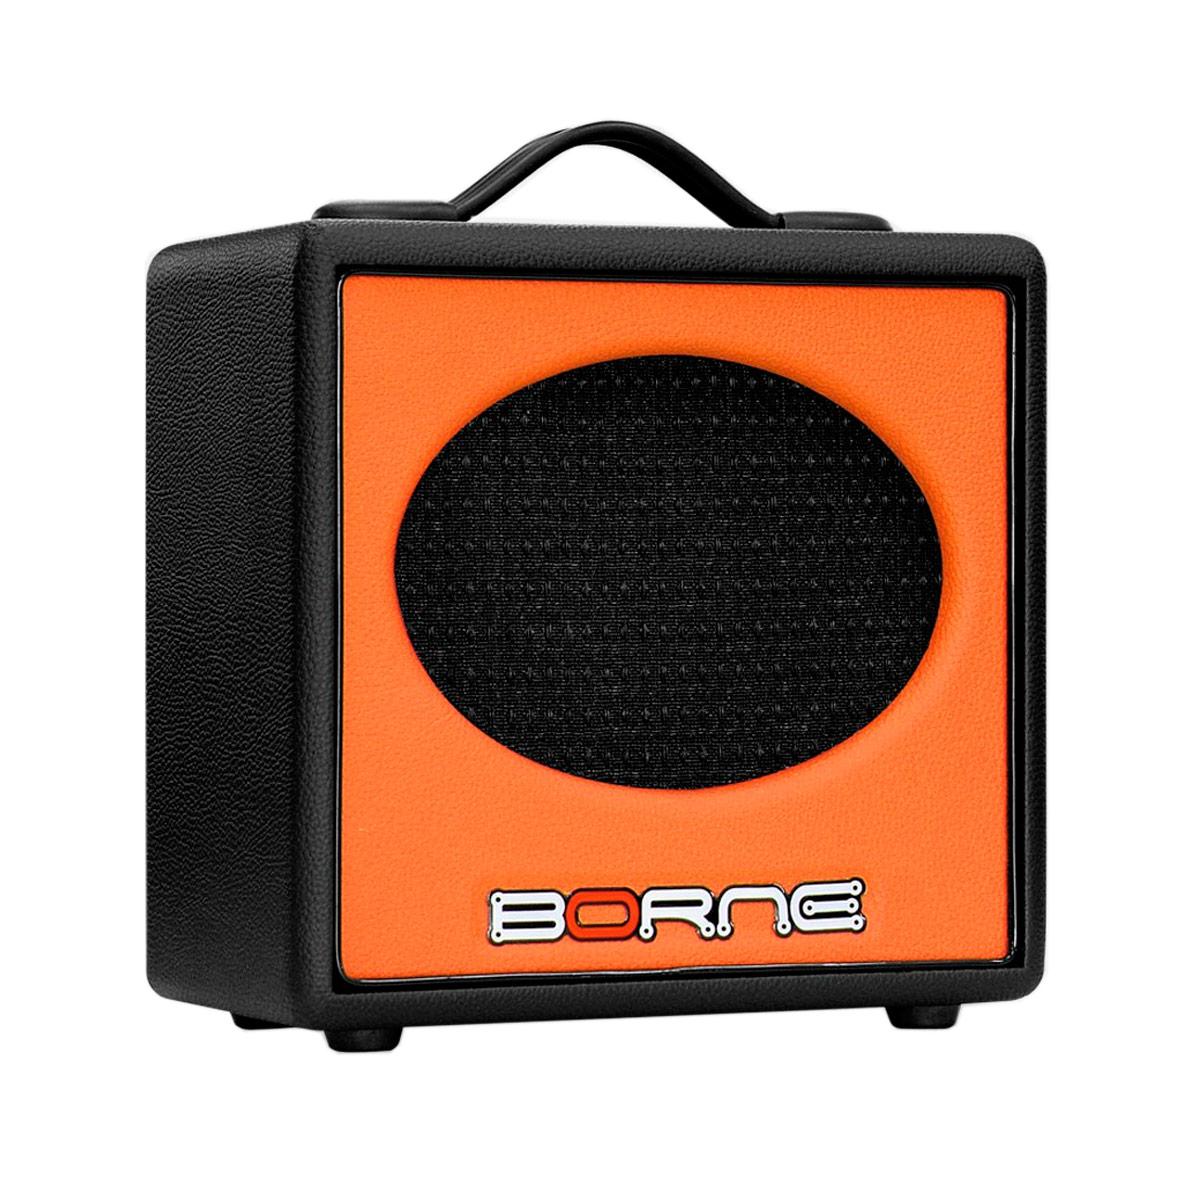 GS60 - Amplificador Combo p/ Guitarra 20W Stilo GS 60 Laranja - Borne